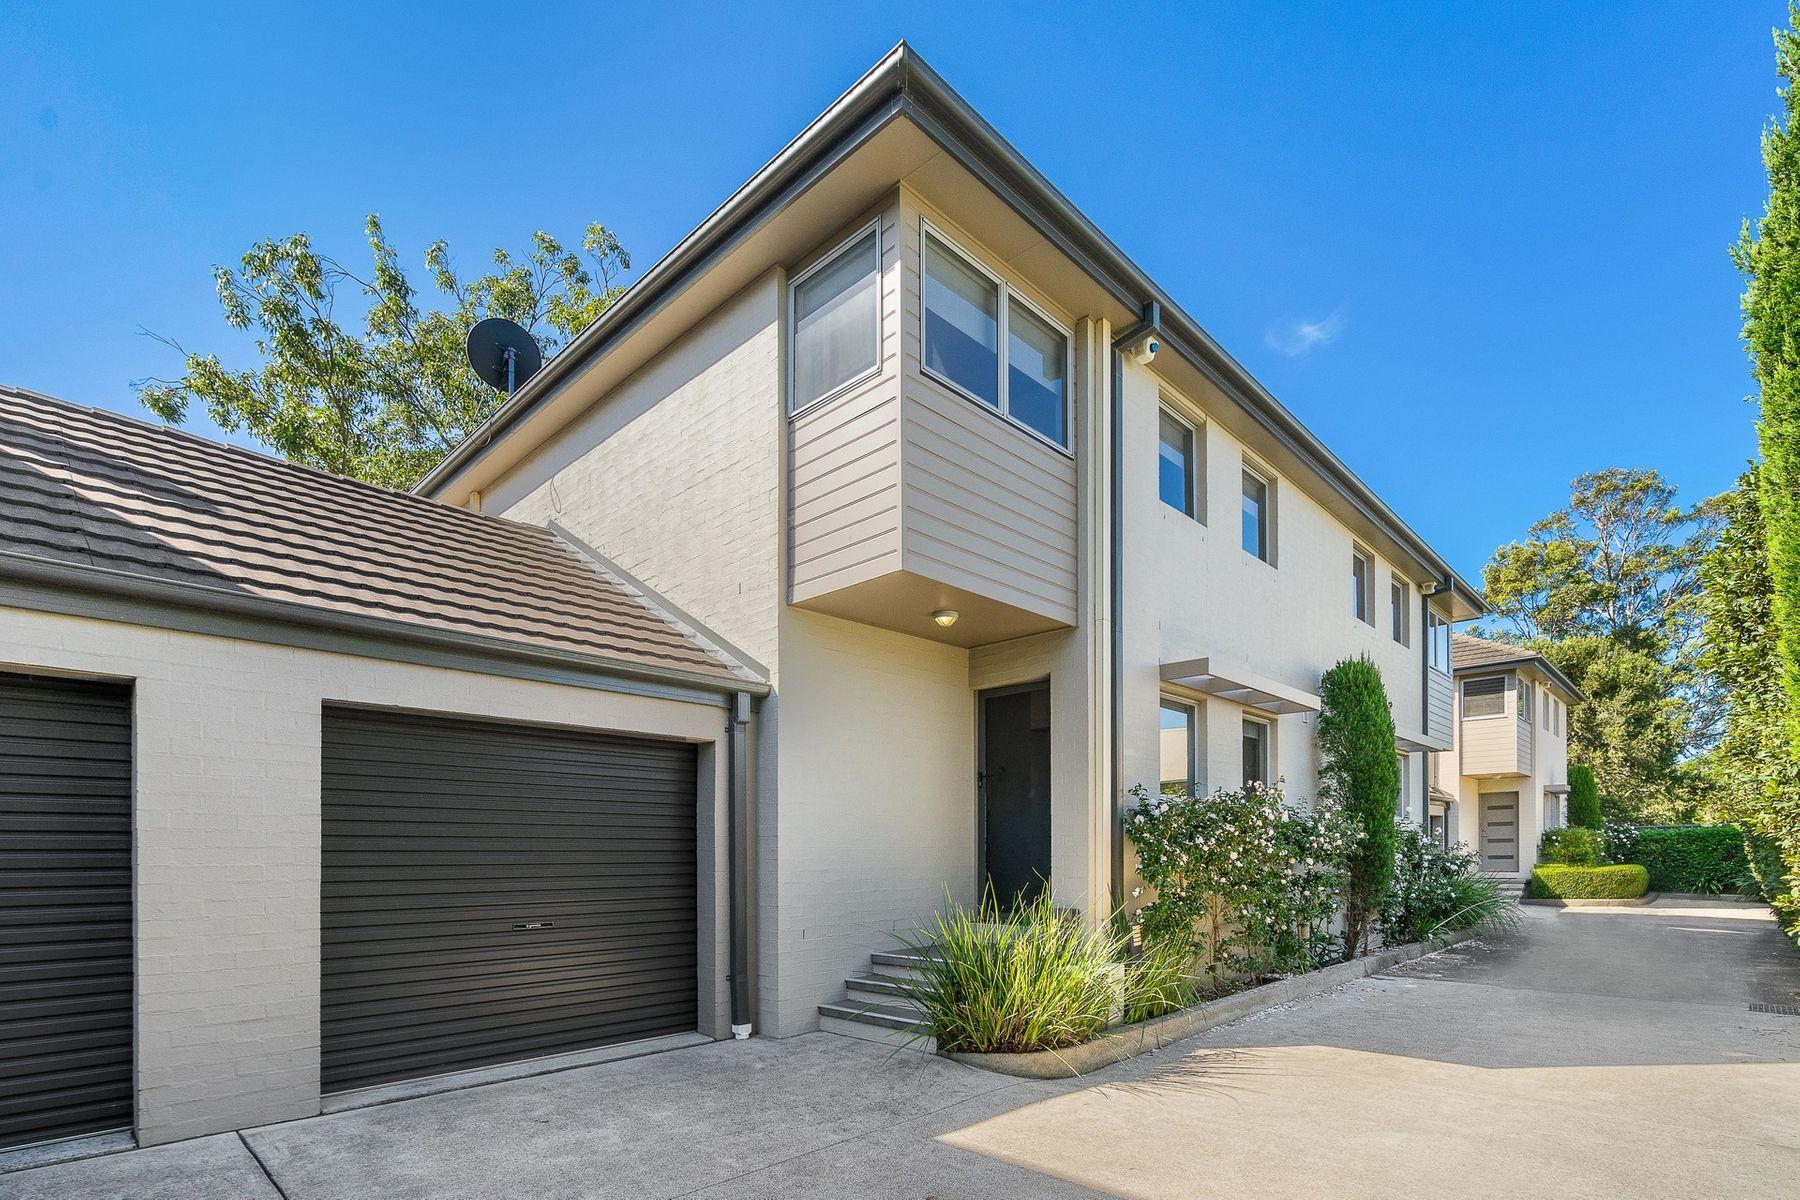 6/422 Glebe Road, Hamilton South, NSW 2303